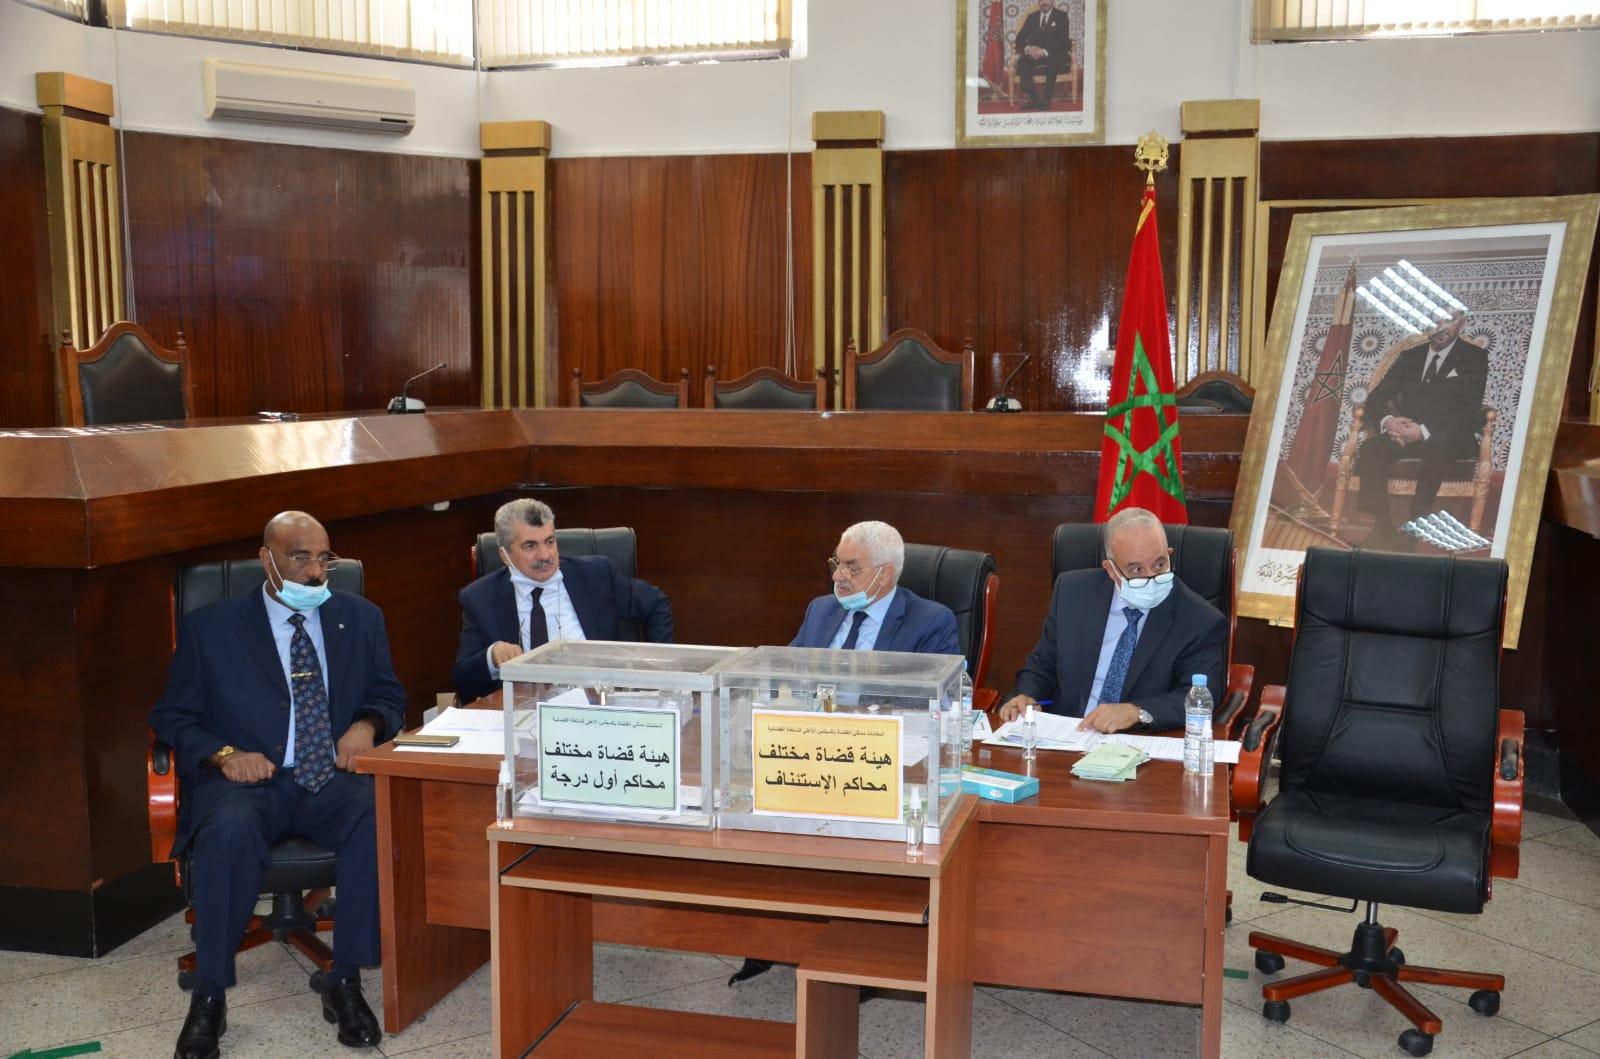 النتائج النهائية لانتخابات ممثلي القضاة بالمجلس الأعلى للسلطة القضائية